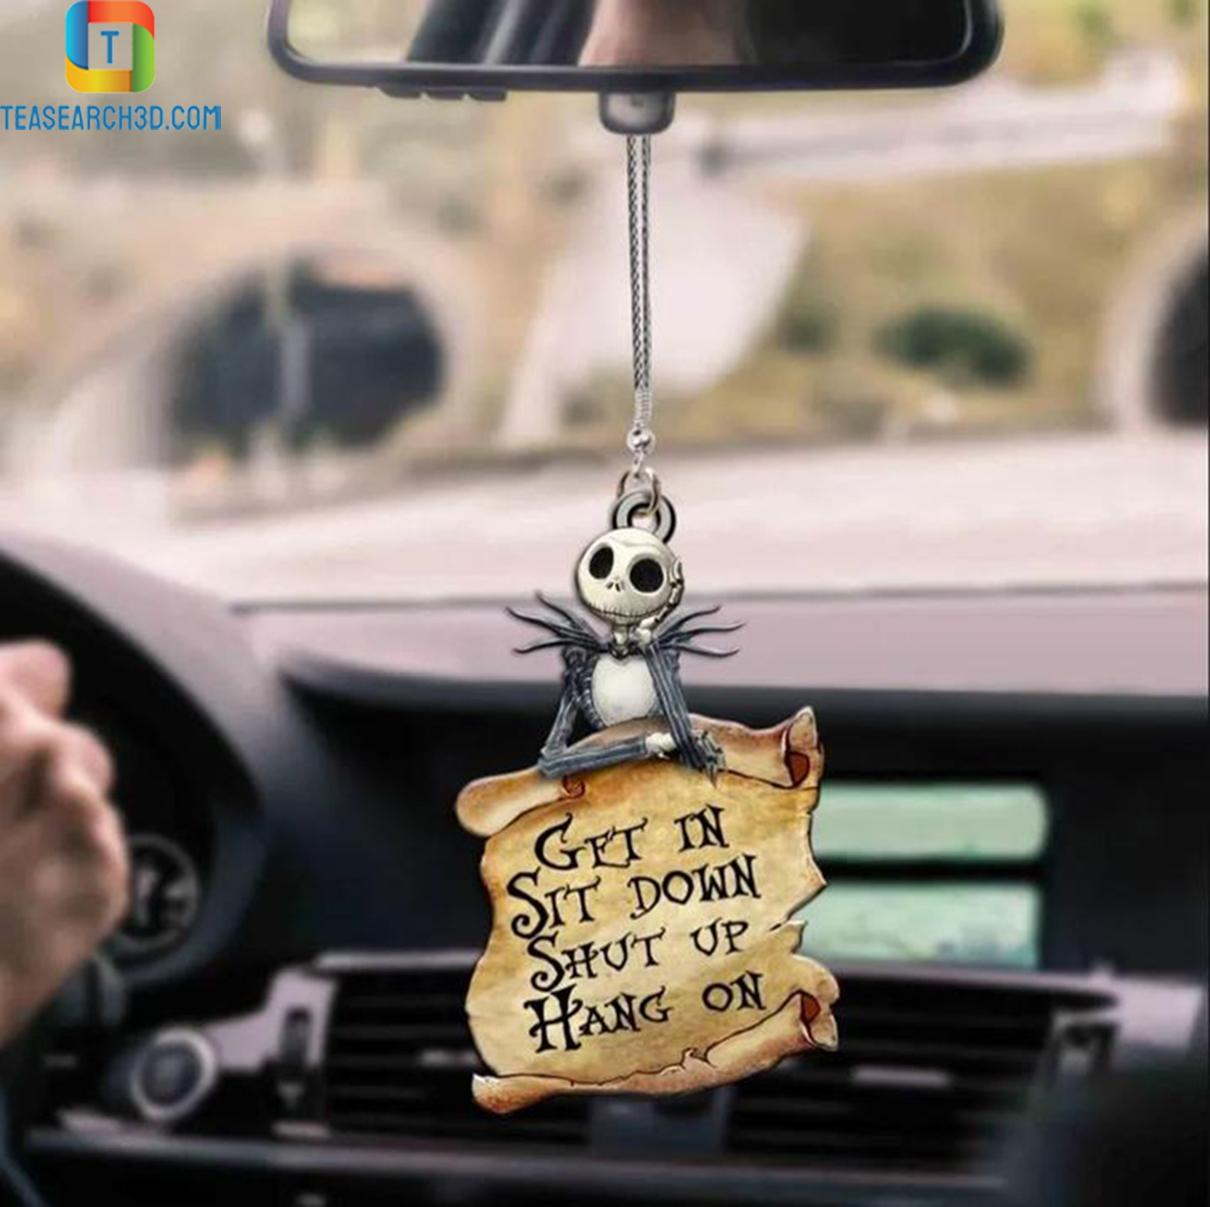 Jack skellington get in sit down shut up hang on car hanging ornament 2